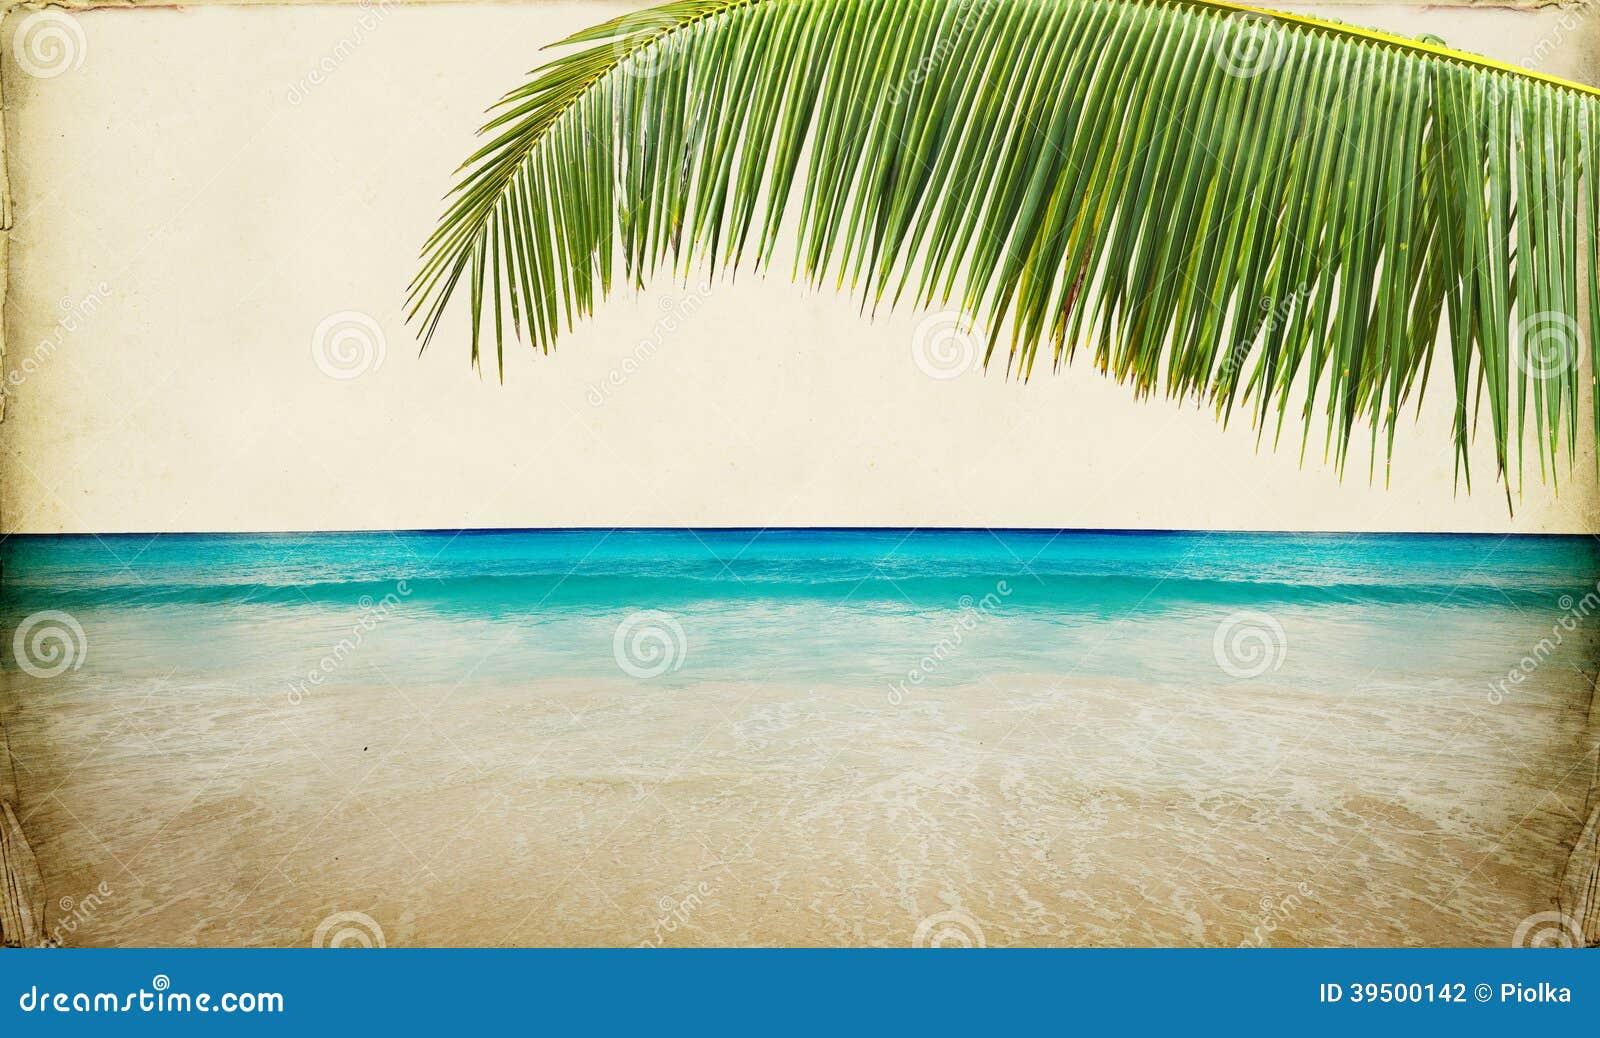 Dream Beach Paper Background